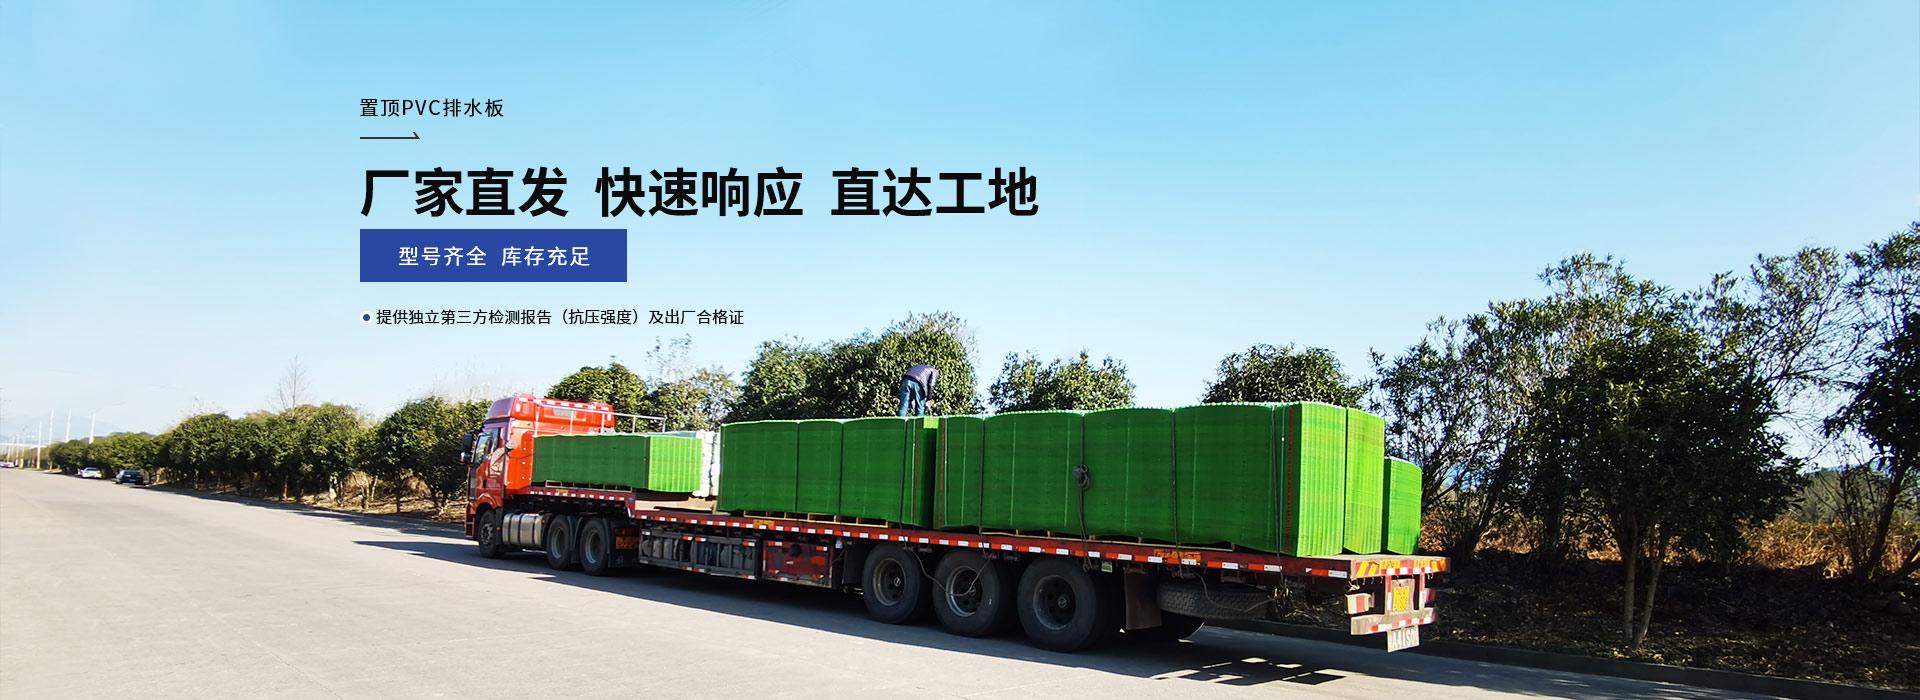 置顶PVC排水板 厂家直发 快速响应 直达工地